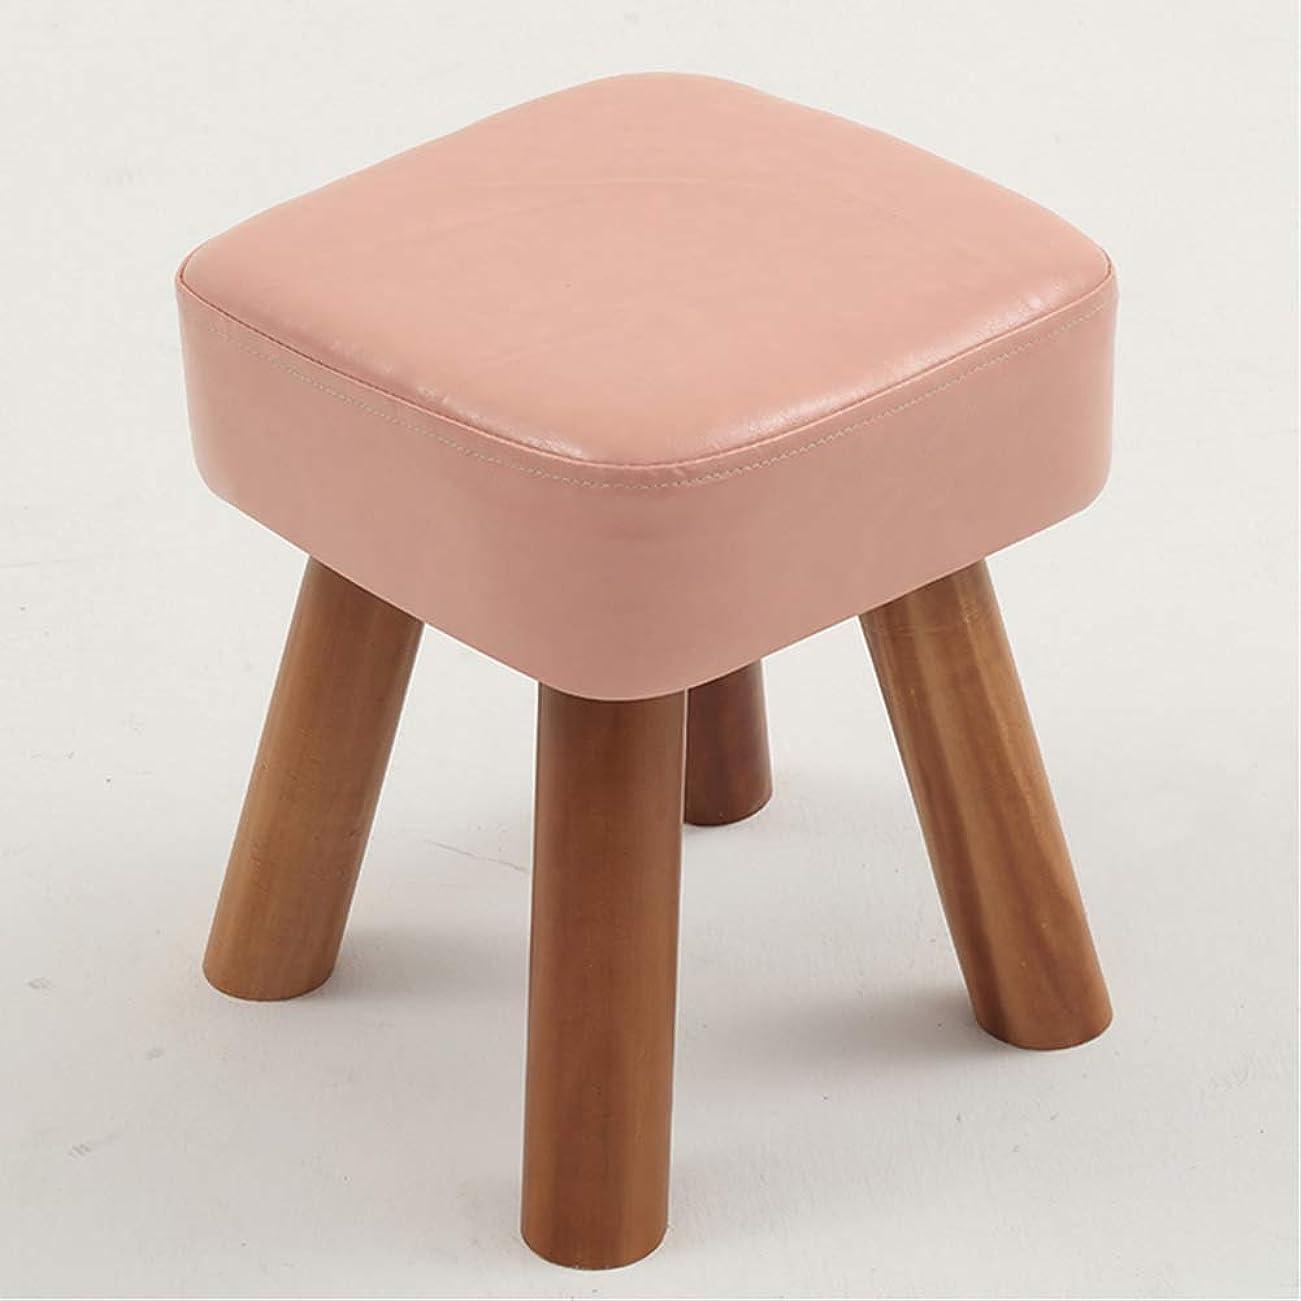 日付縞模様の願望スクエア 木製 張り スツール, 木製のサポート オスマン帝国 プーフ 椅子 便 4 脚 そして 取り外し可能なカバー-ピンク 28x28x32cm